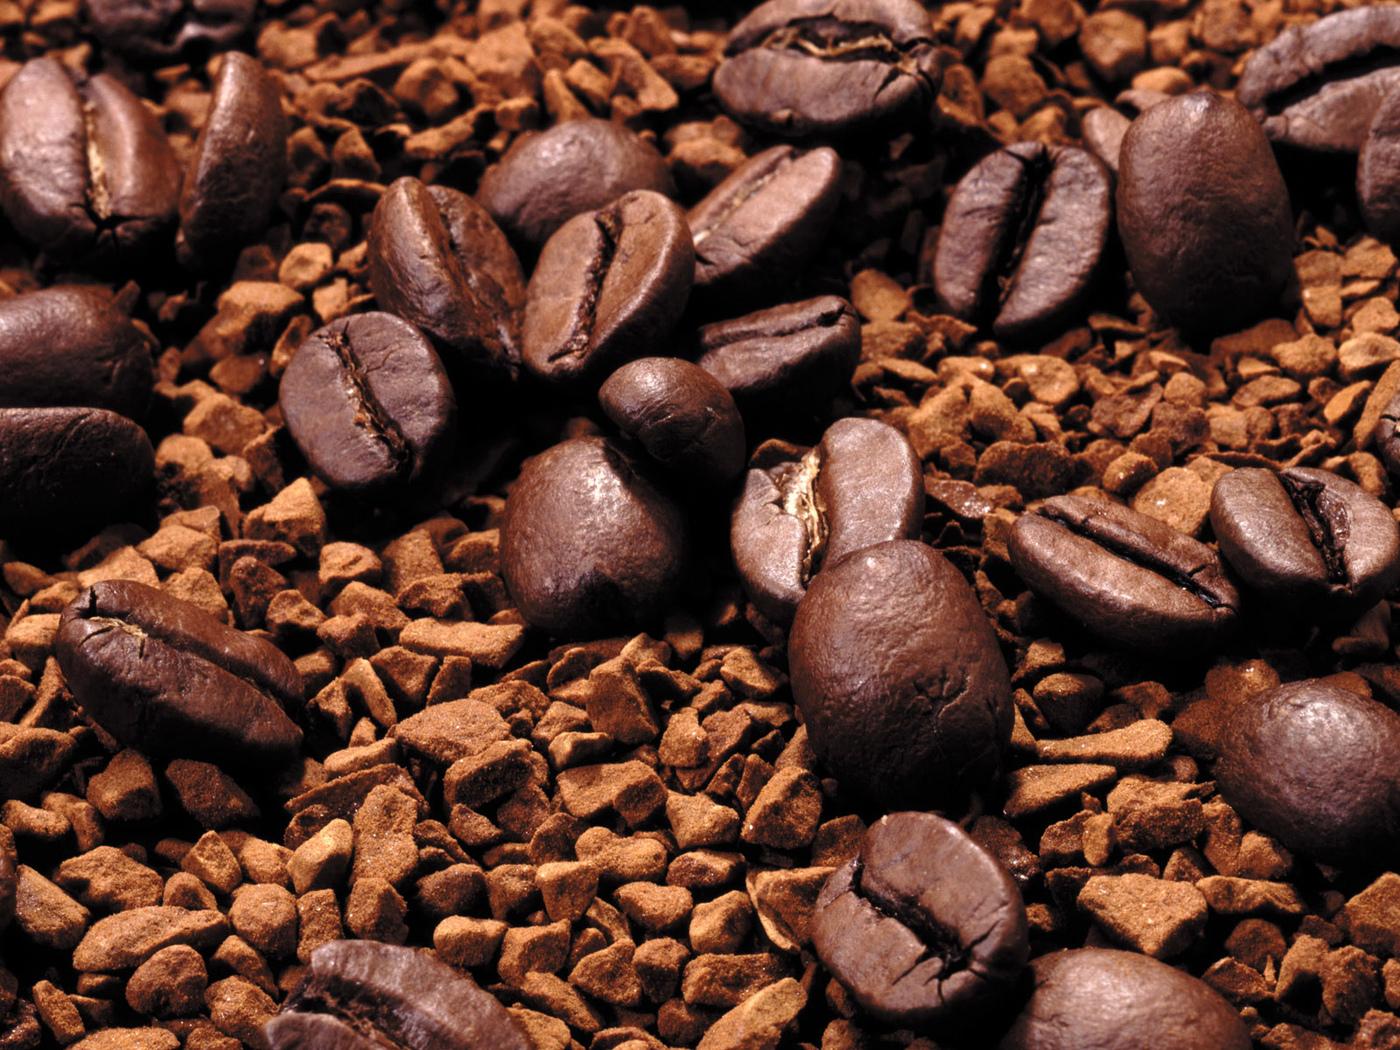 кофе, зерна, фон